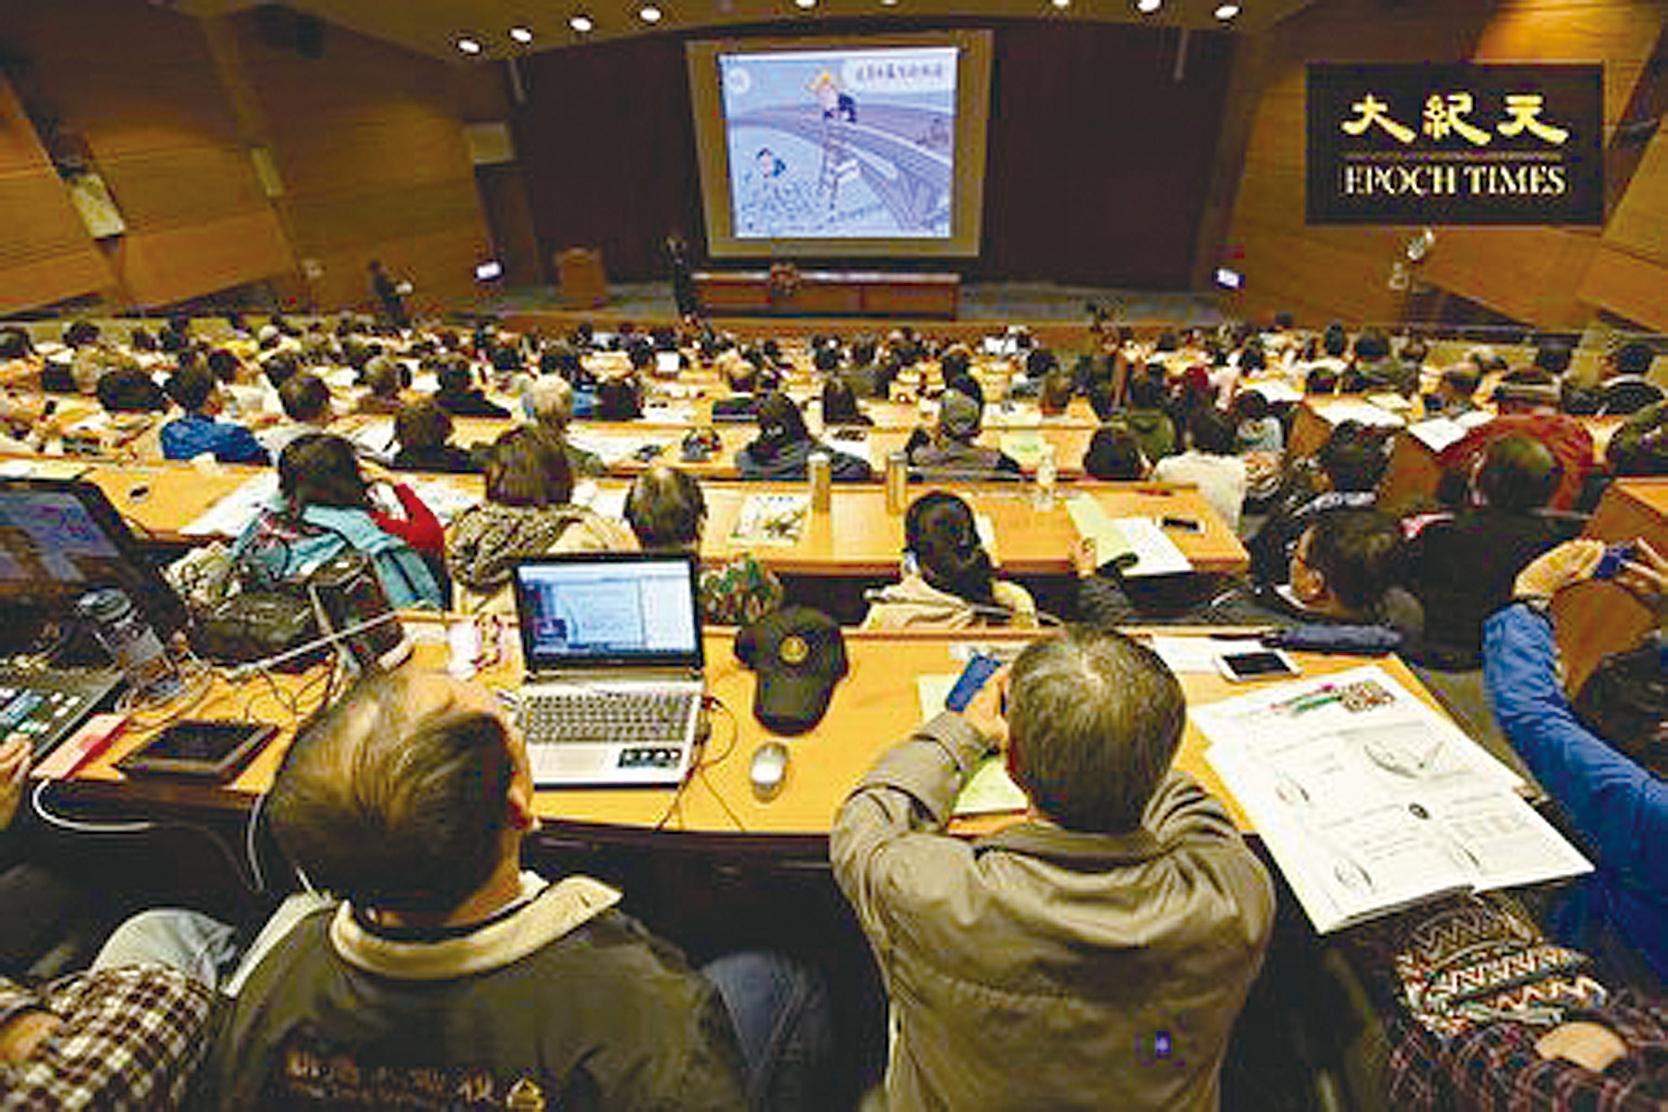 中華民國自由通訊傳播協會12月9日舉辦「美中持續熱戰 台灣如何是好?」論壇,現場座無虛席。 (許基東/大紀元)